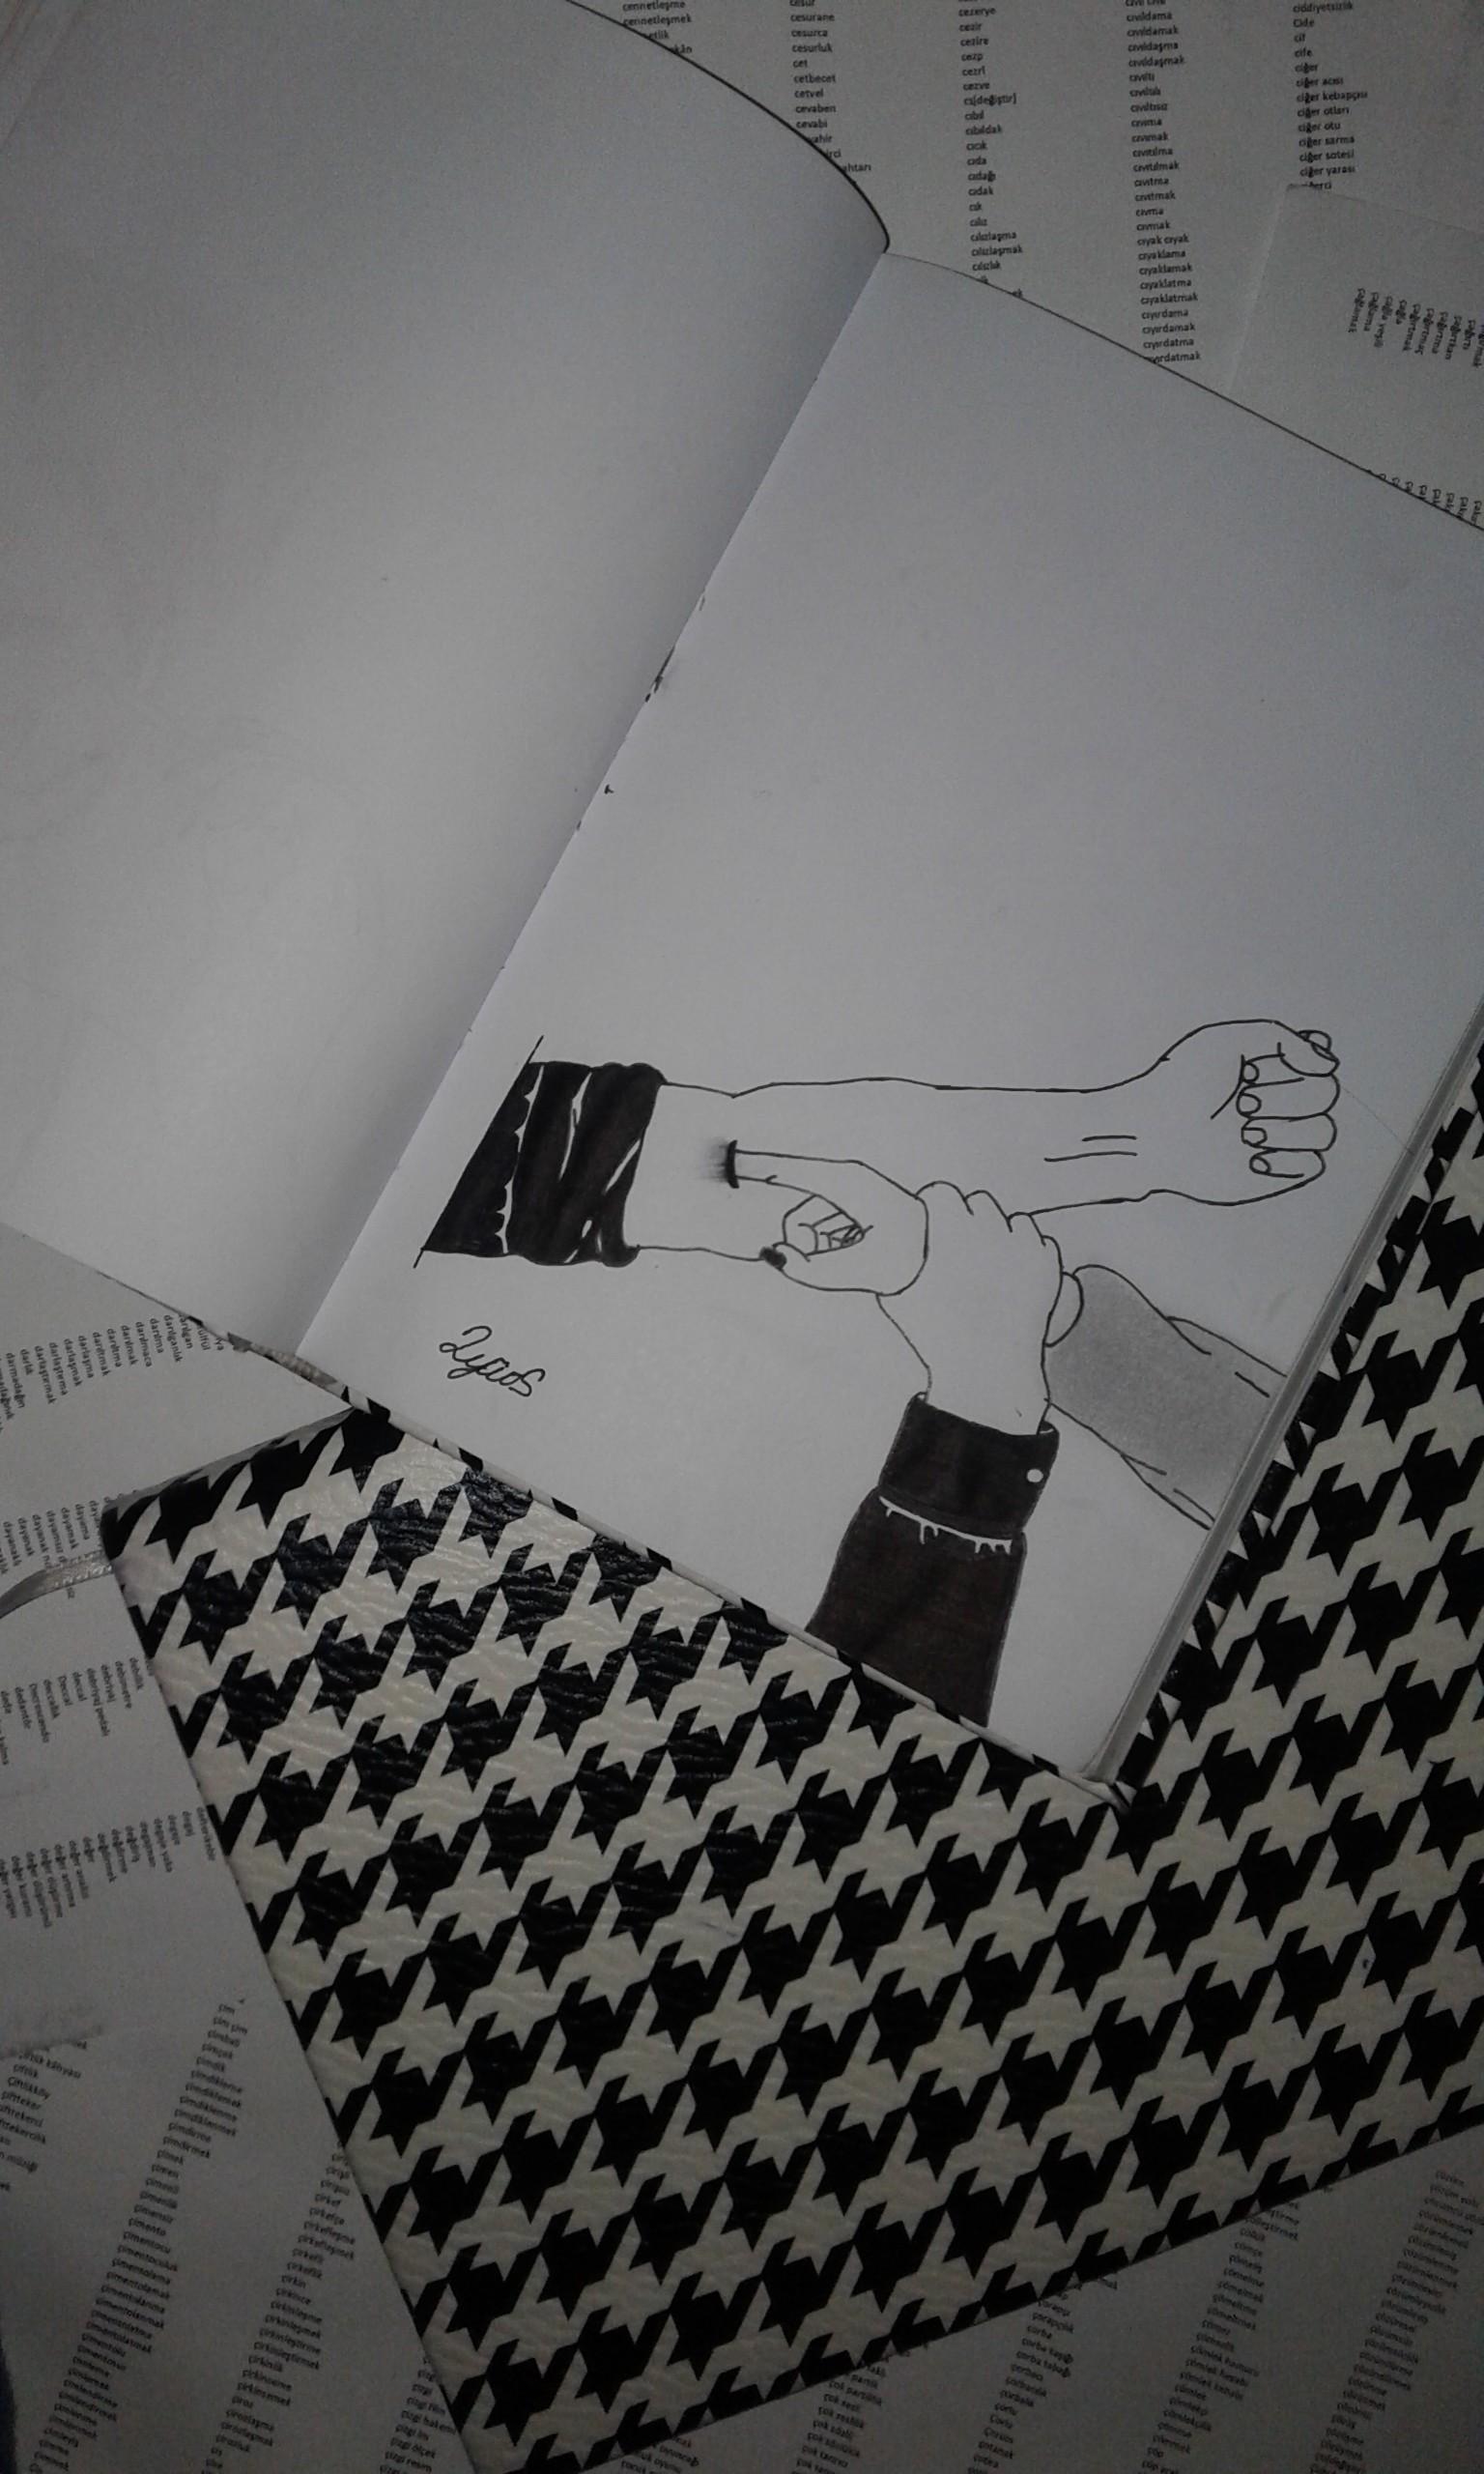 sözlük yazarlarının çizimleri